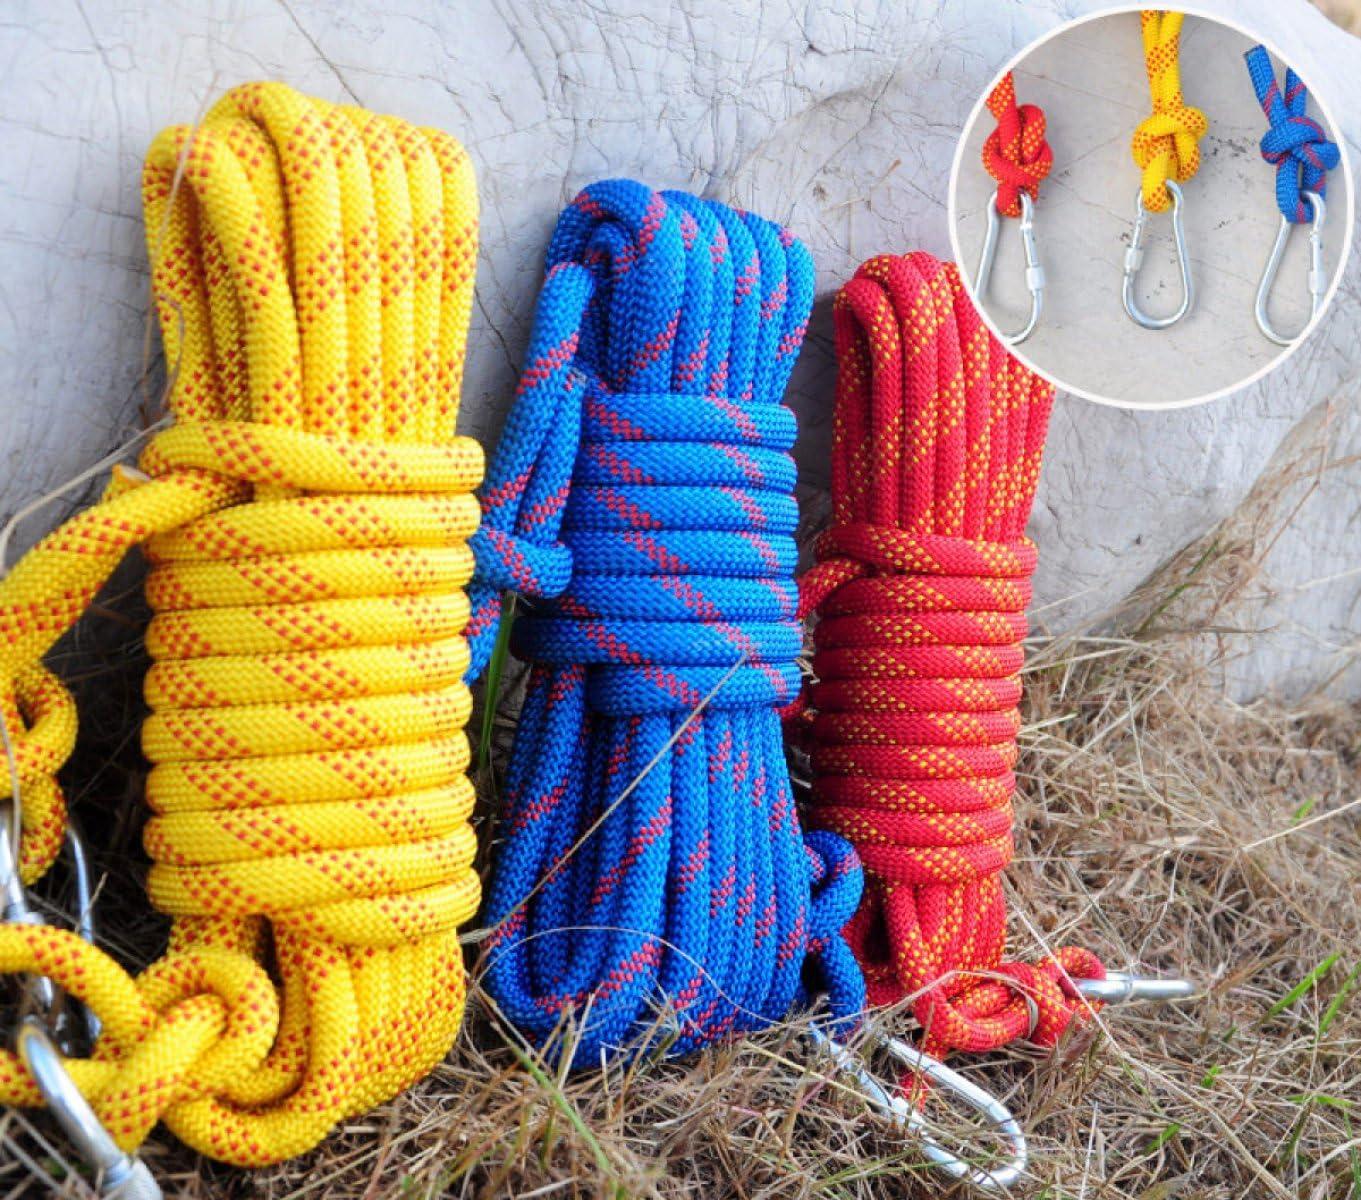 Cuerda De Escalada Al Aire Libre Cuerda Trepadora De 12mm 10m ...